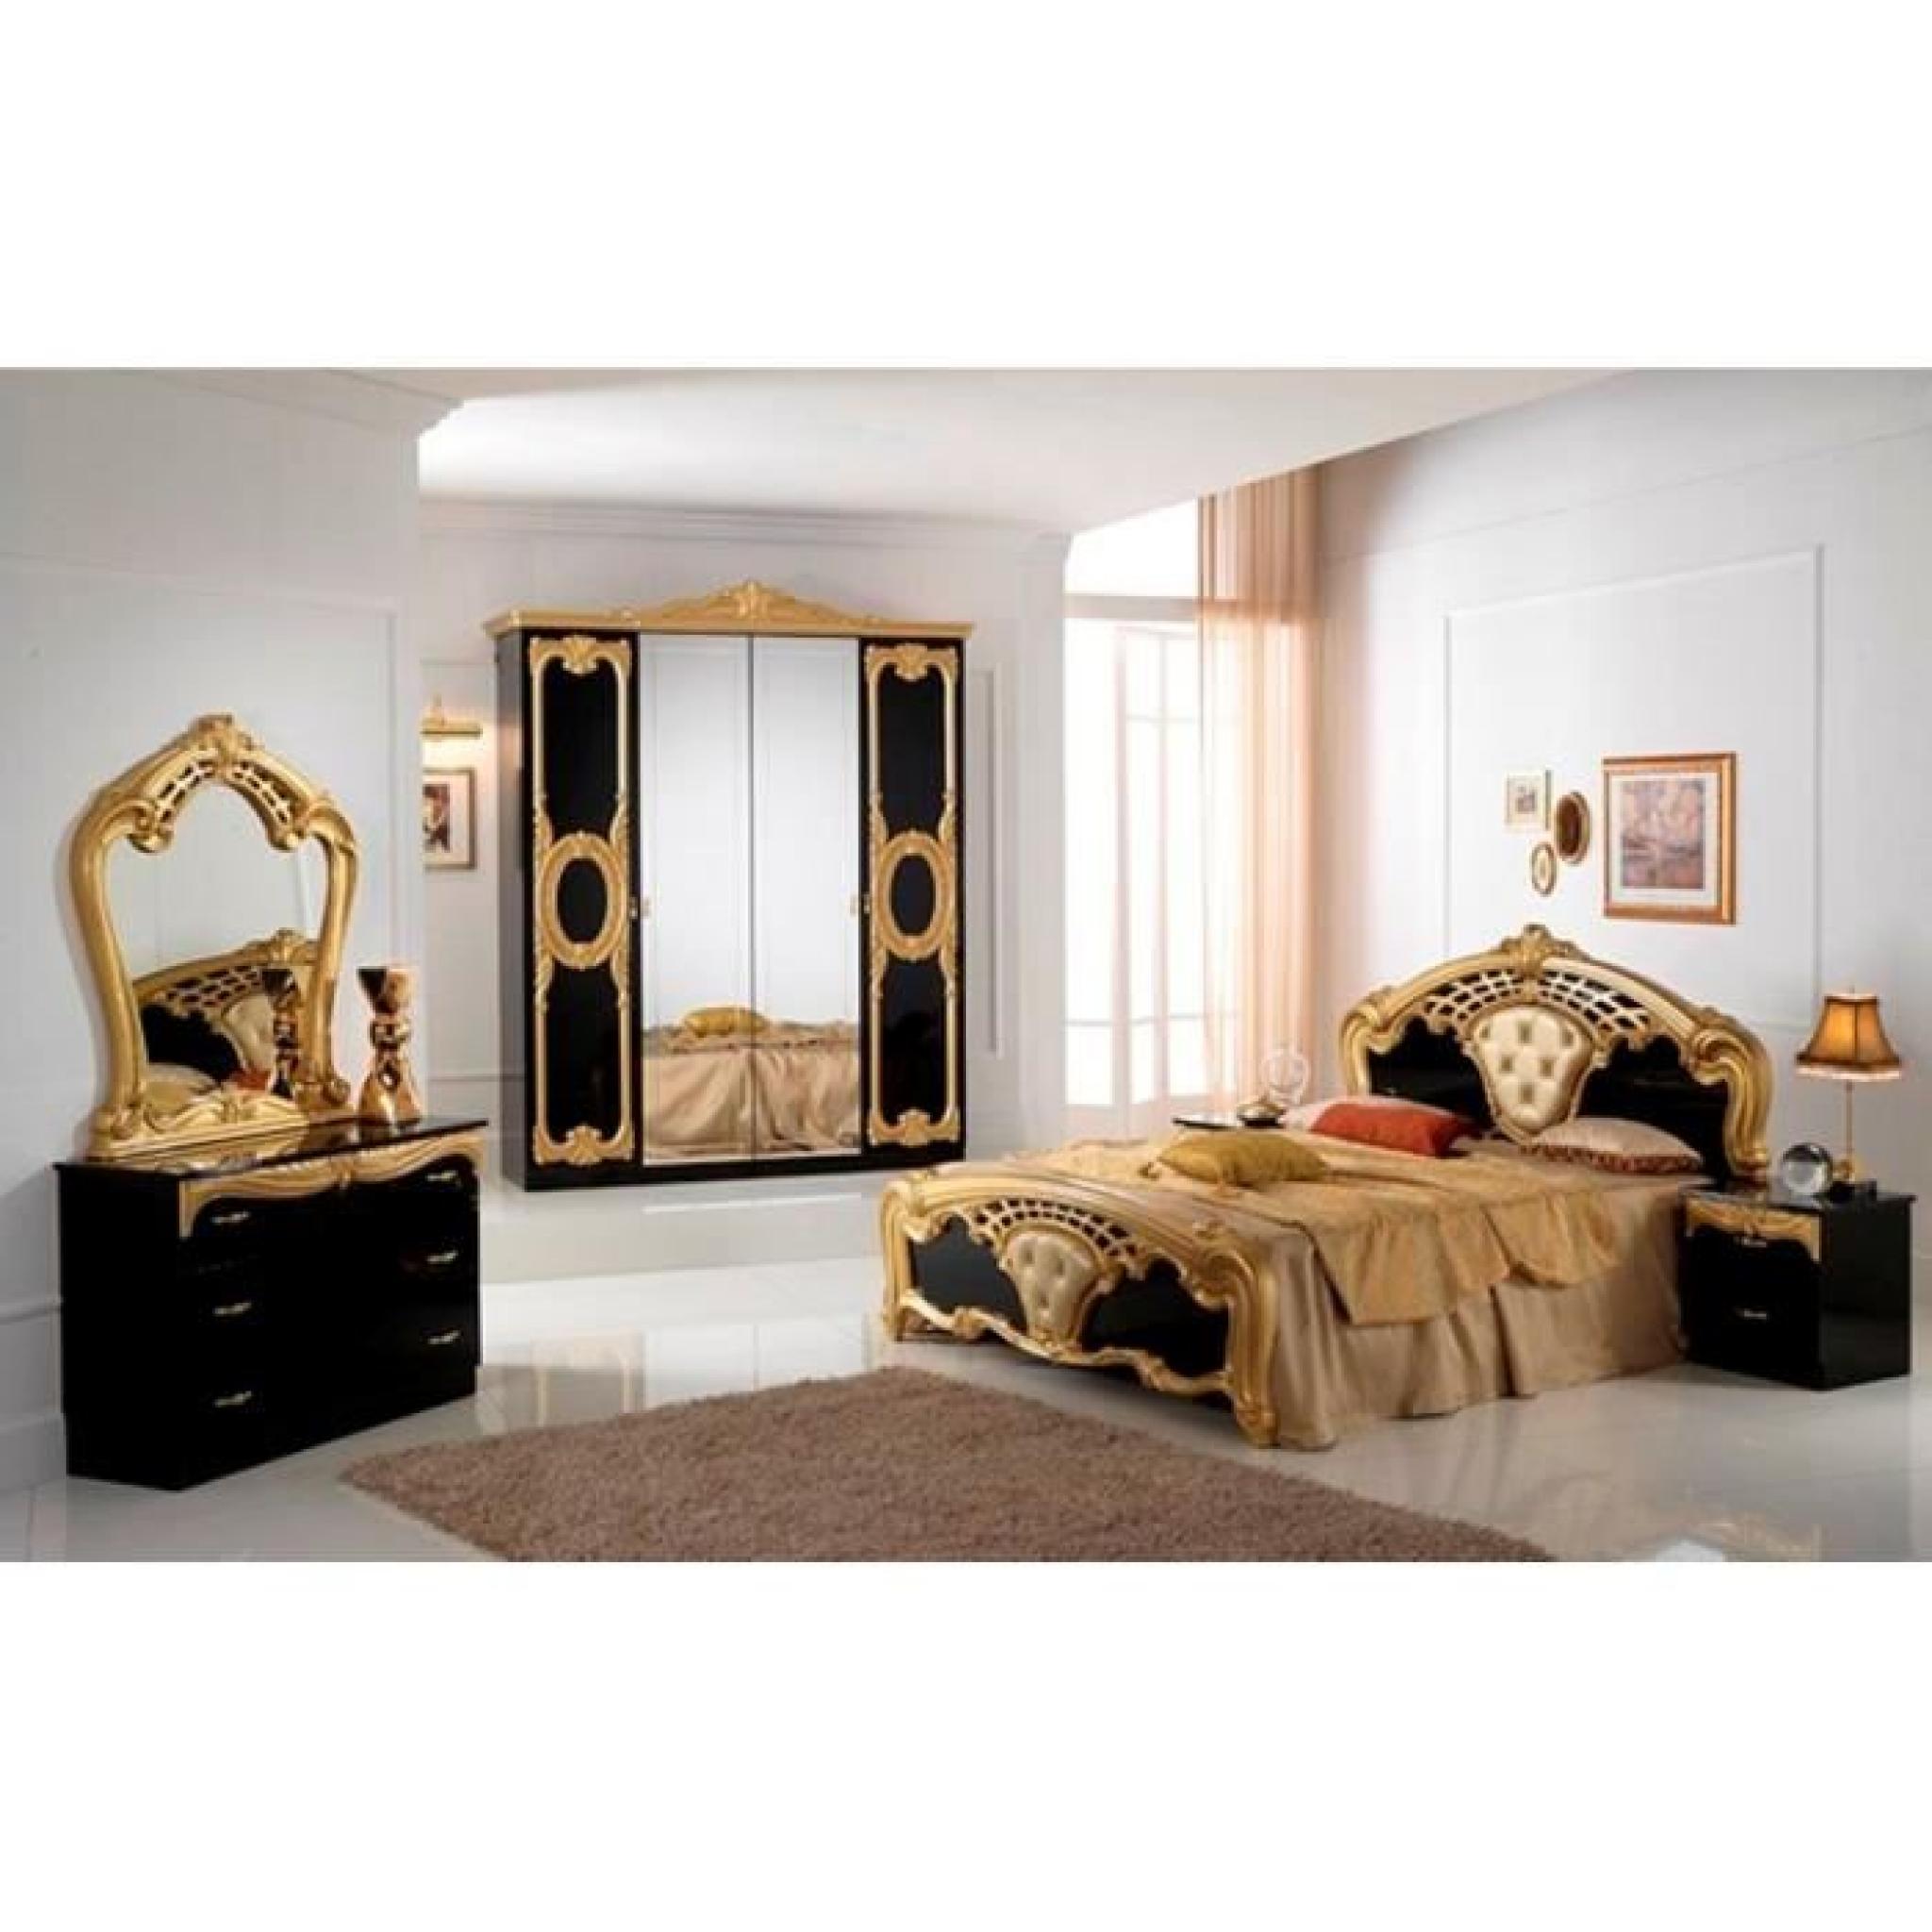 Chambre a coucher complete modele cristina noir brillant for Achat chambre a coucher complete